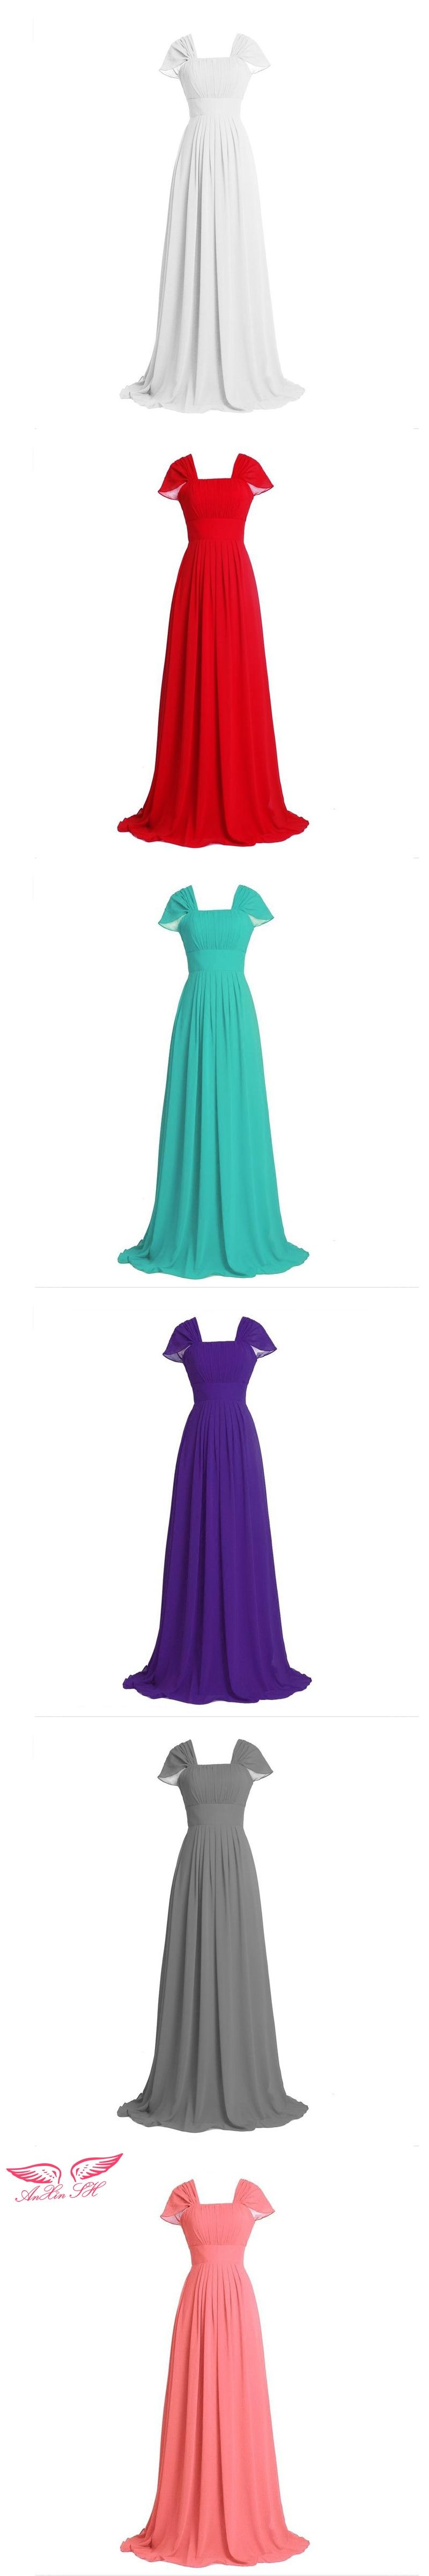 Anxin sh pink chiffon bow bridesmaid dress red bridesmaide dress